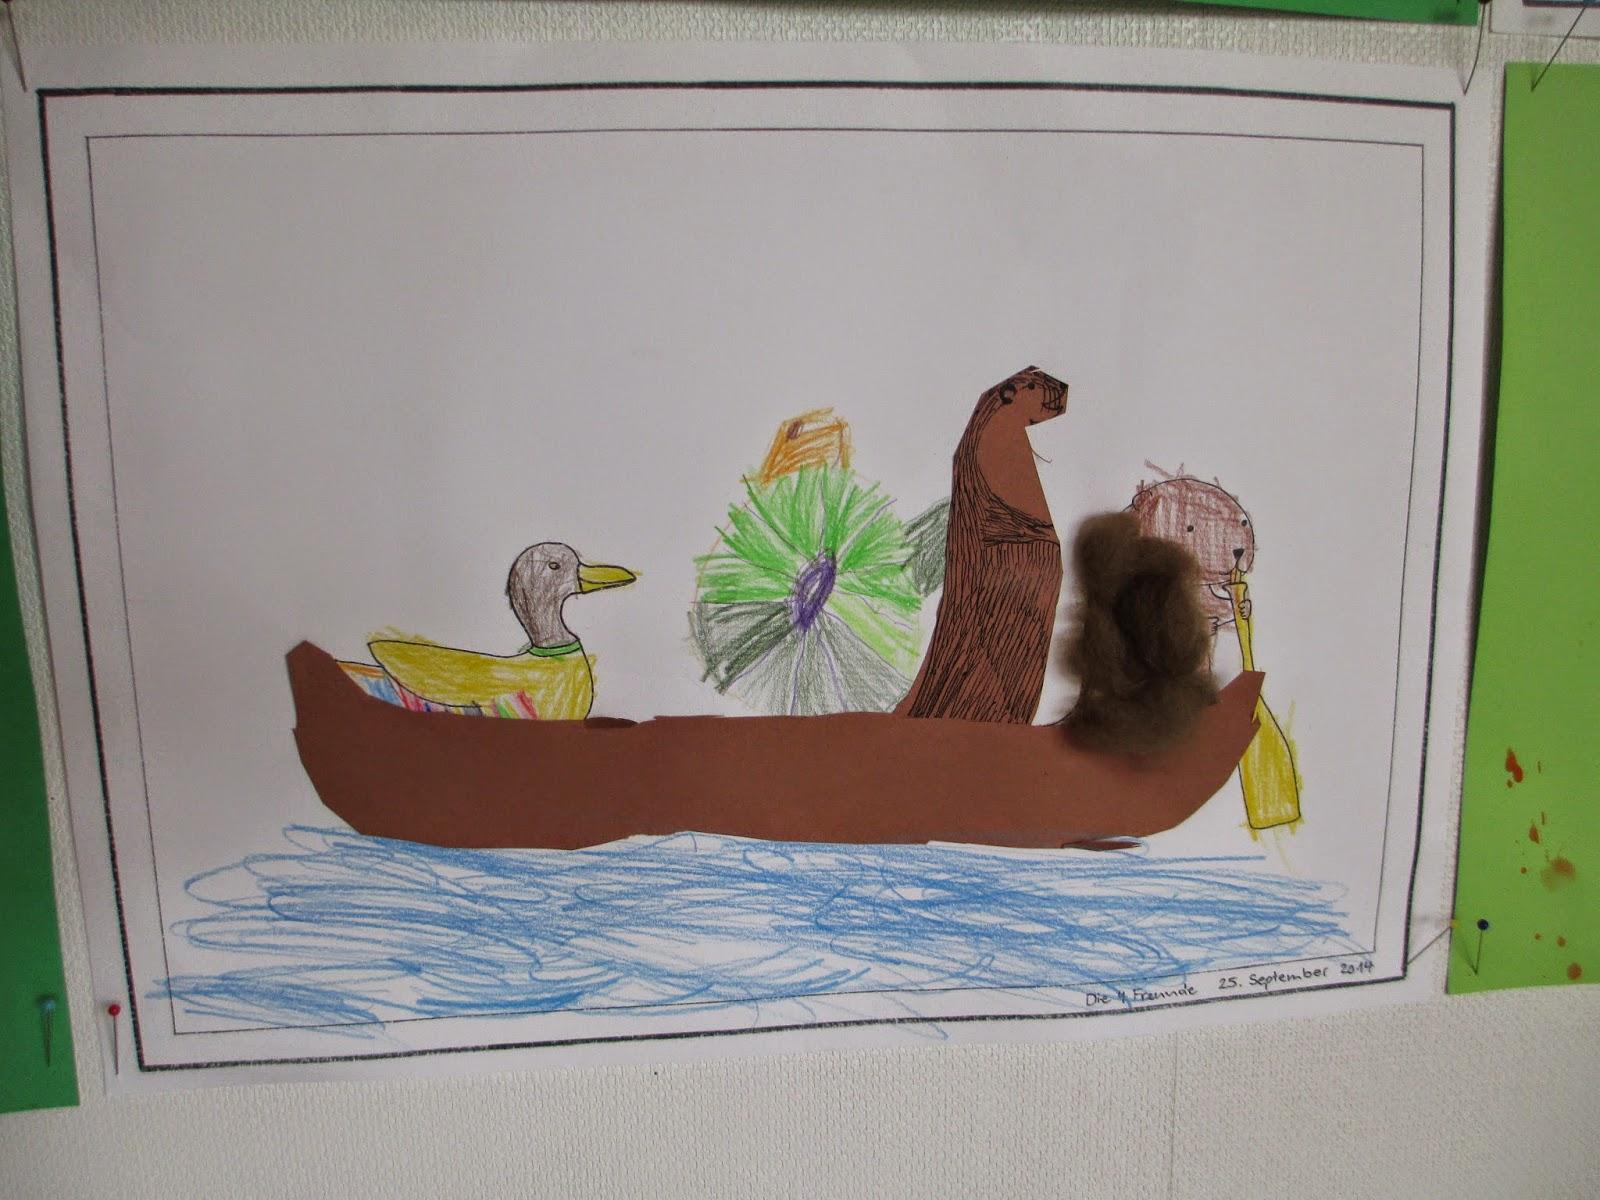 Malen, Schneiden, Kleben der Kinder vom Kindergarten